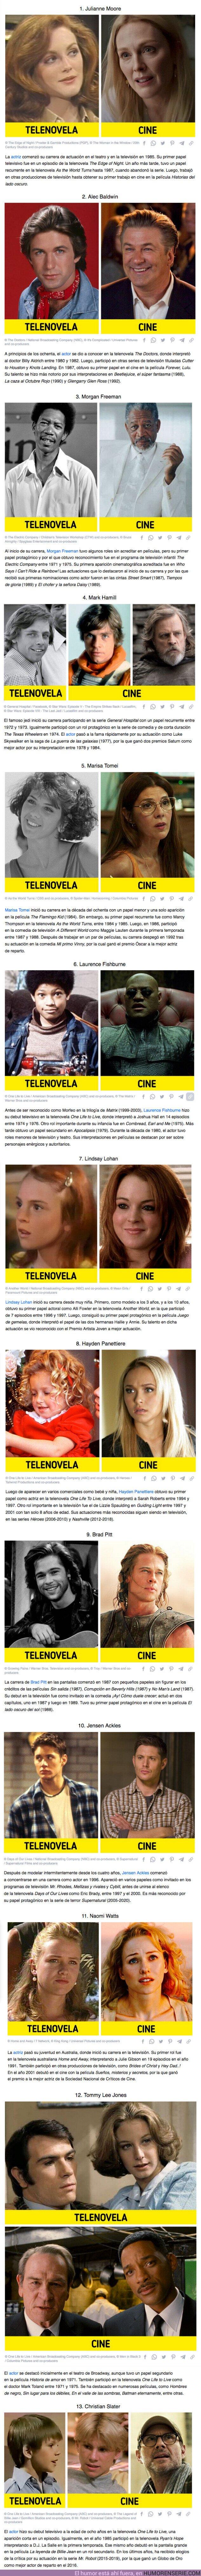 75609 - GALERÍA: 13 Famosos que empezaron sus carreras en telenovelas y ahora brillan en Hollywood